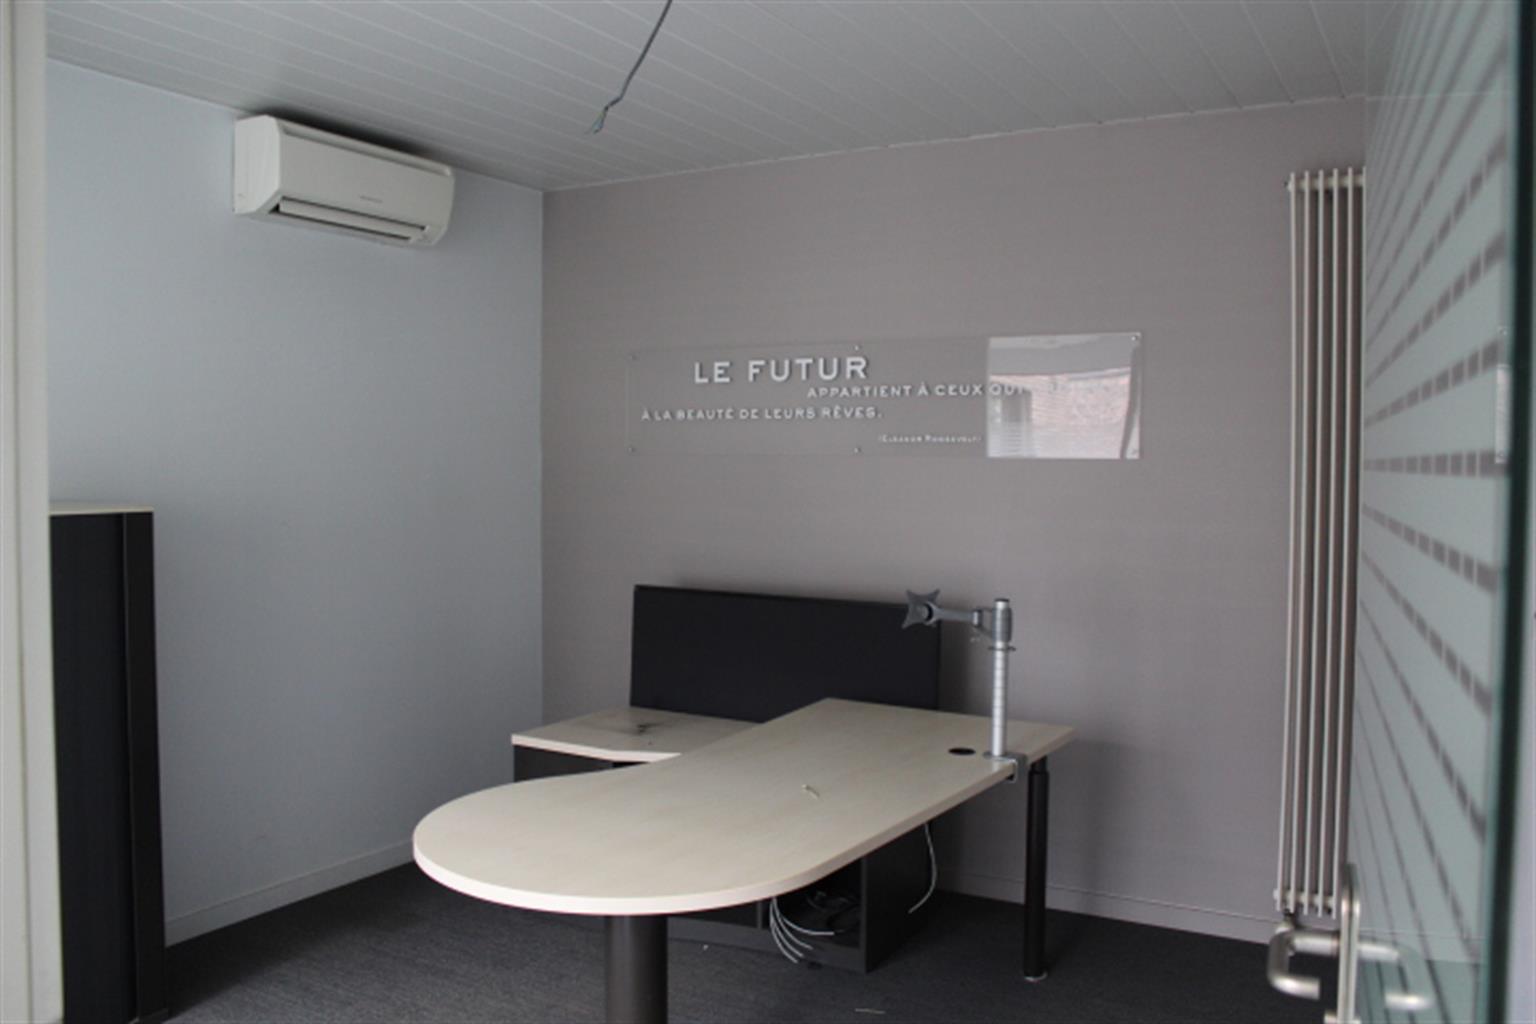 Immeuble à usage multiple - Jupille sur Meuse - #4380831-2